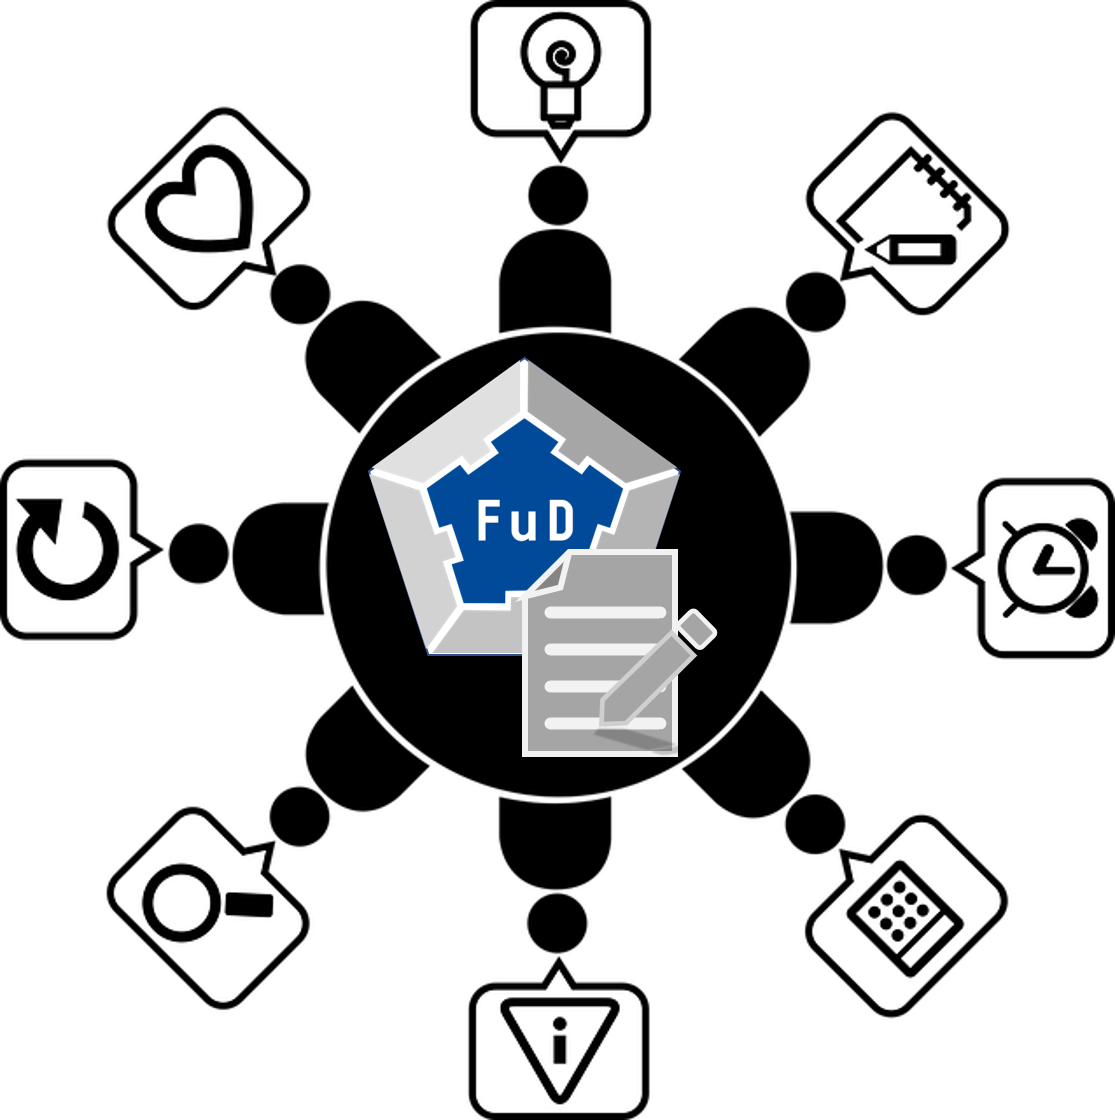 [Praxislabor] Datendokumentation für eine digitale Edition